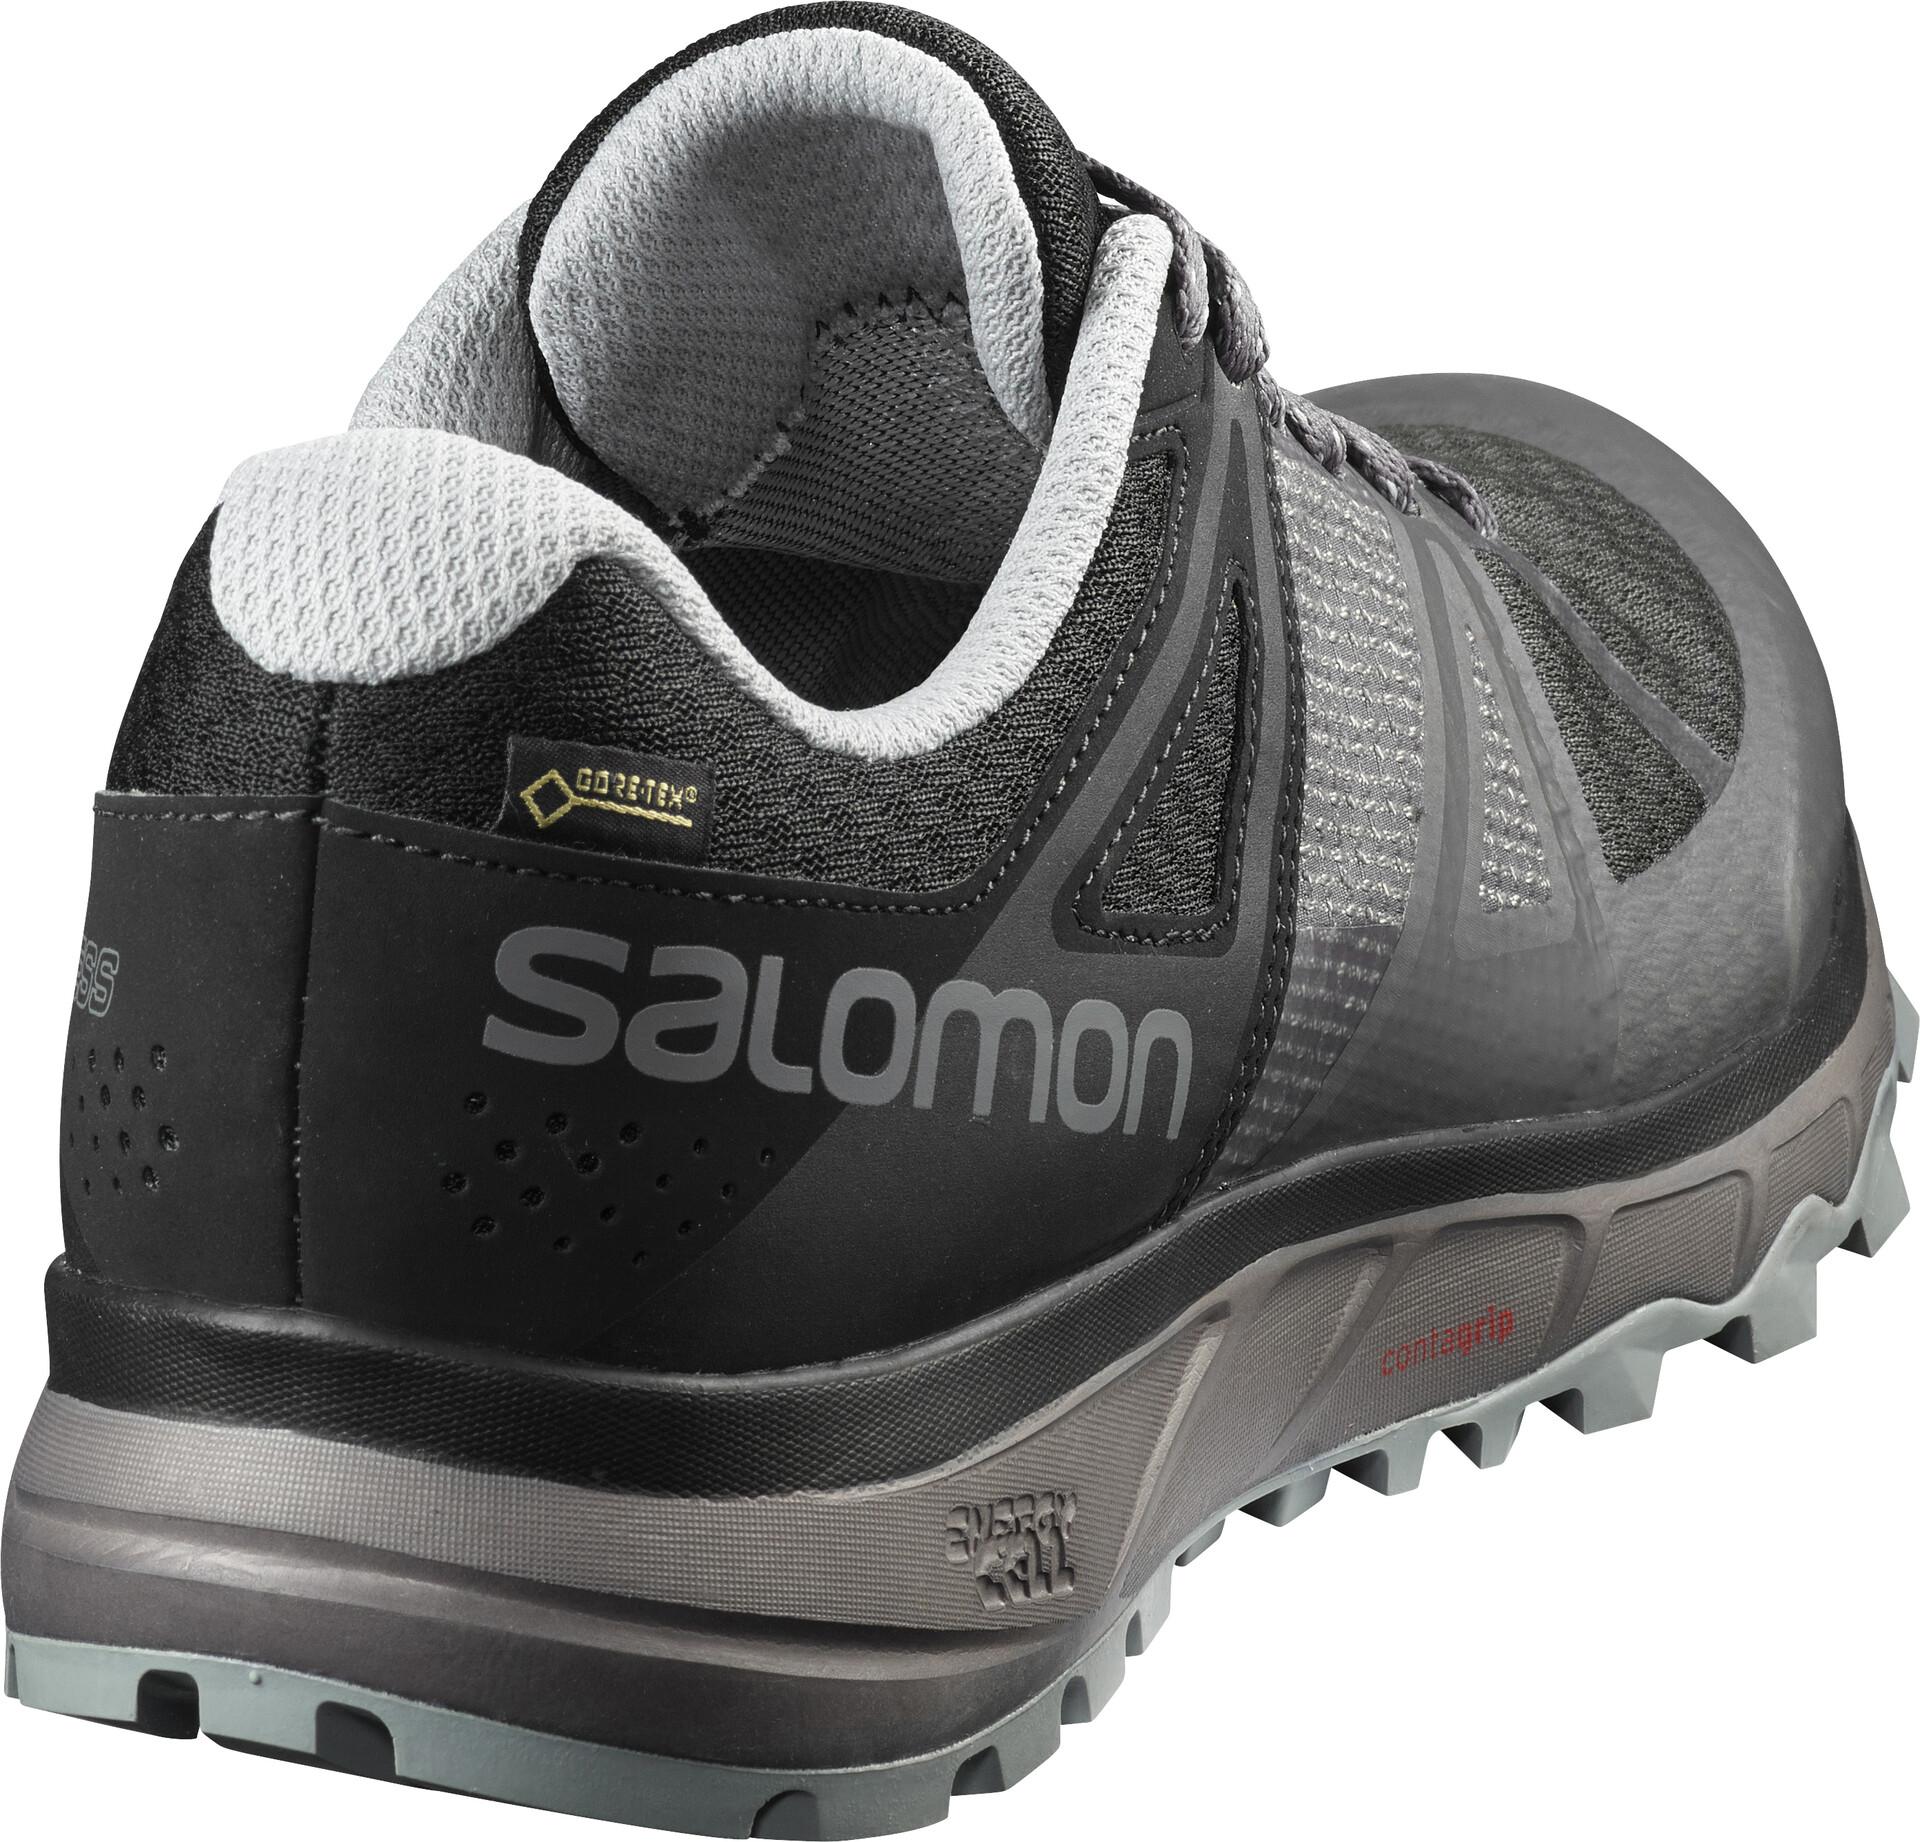 Salomon Buty do biegania Trailster GTX MagnetBlackQuarry r